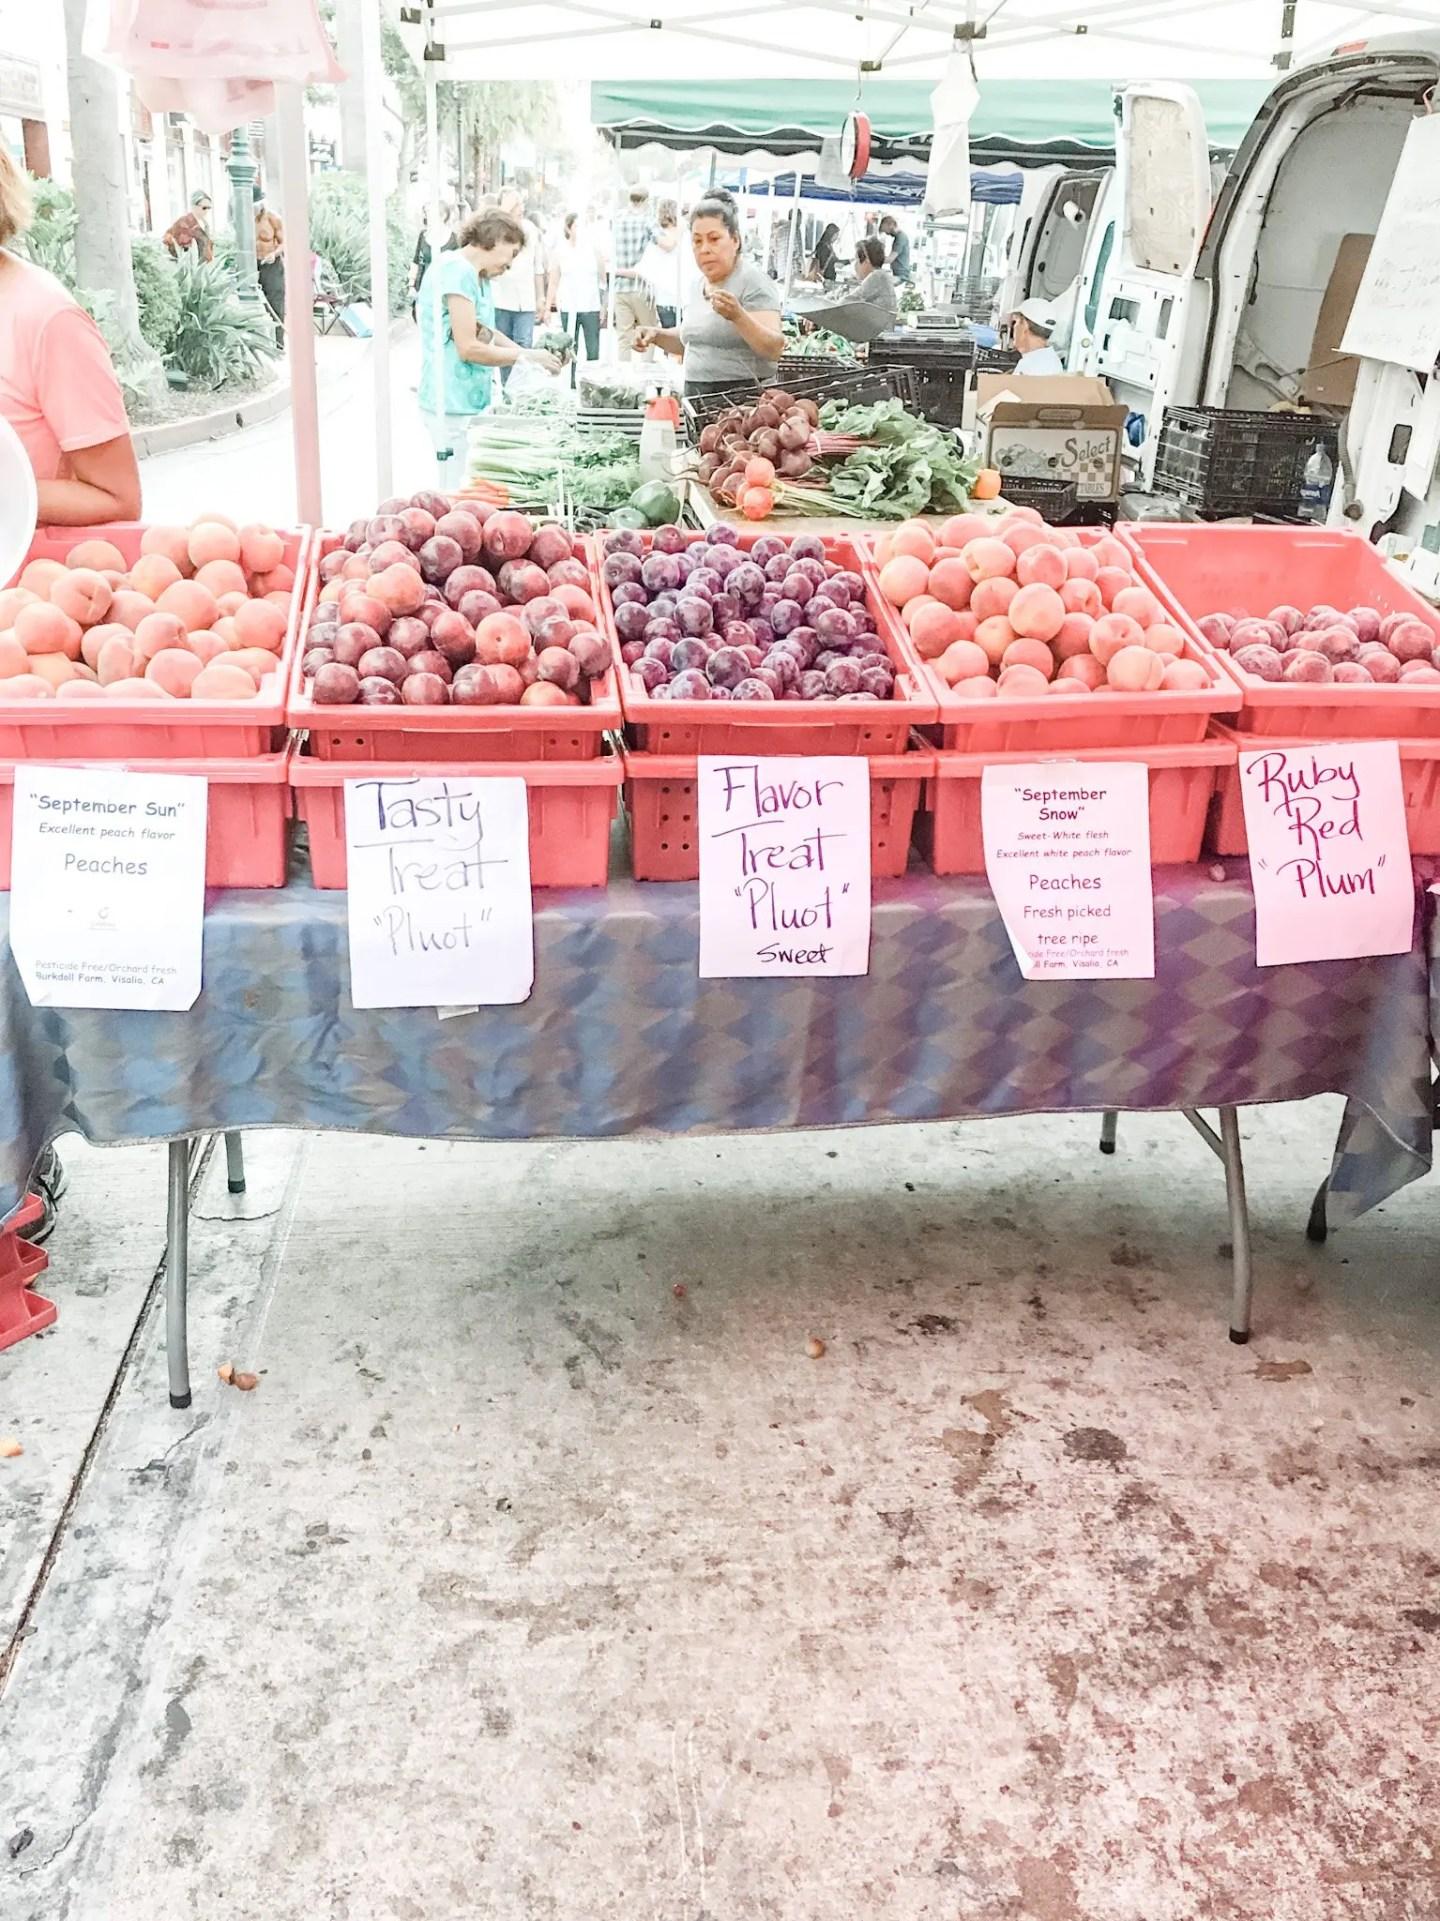 Farmer's Market on State Street in Santa Barbara